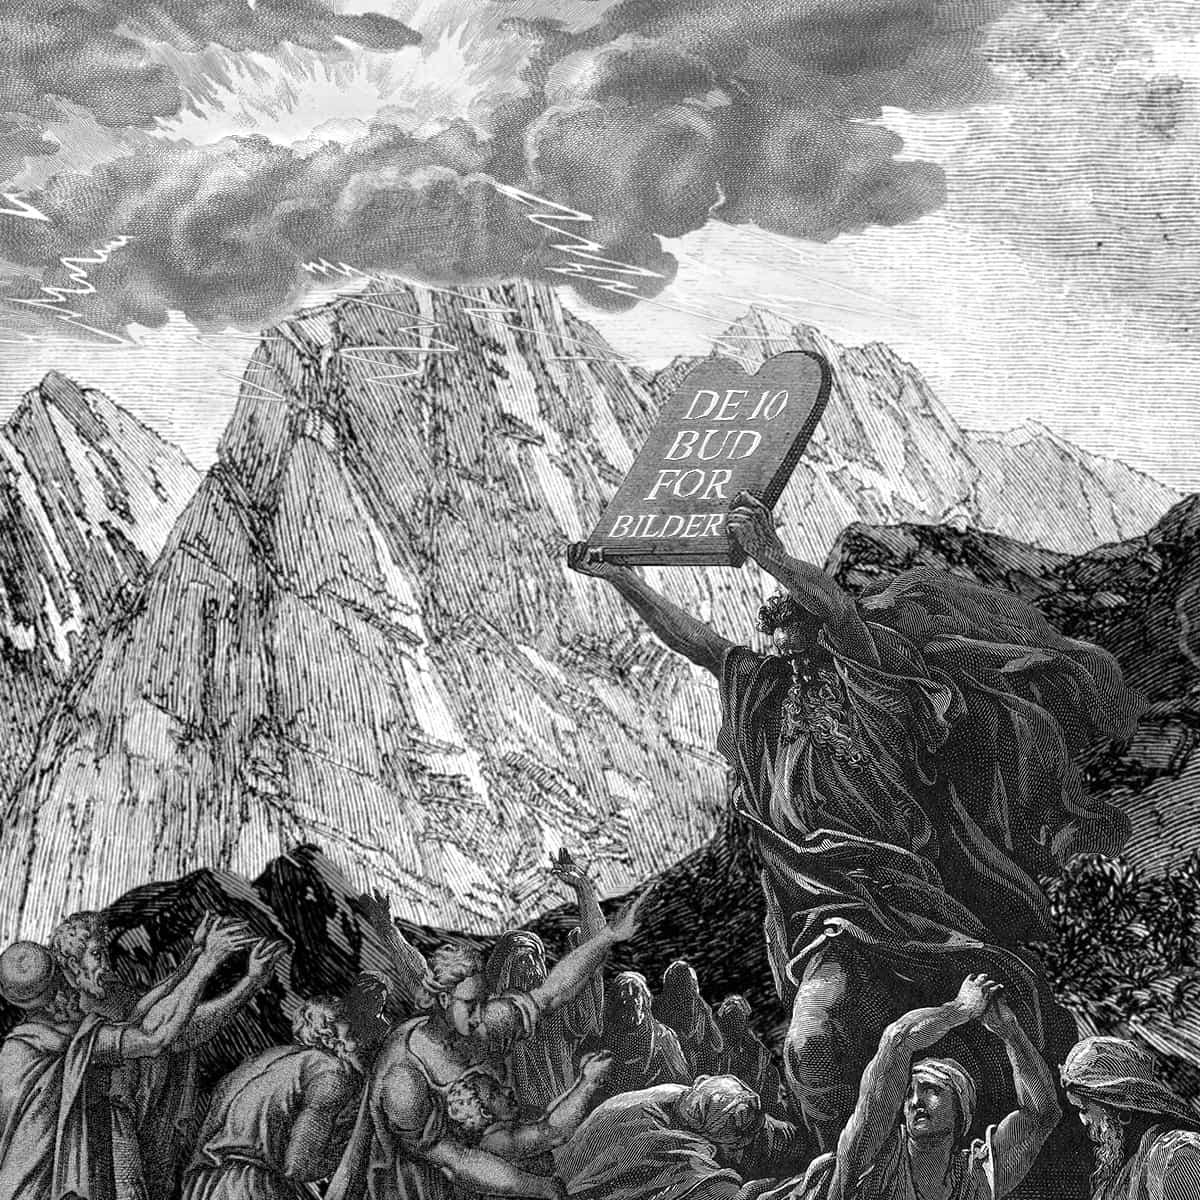 """En mann holder en steintavle opp mot himmelen. På tavlen står det """"De 10 bud for bilder"""". I bakgrunnen er det fjell og skyer"""